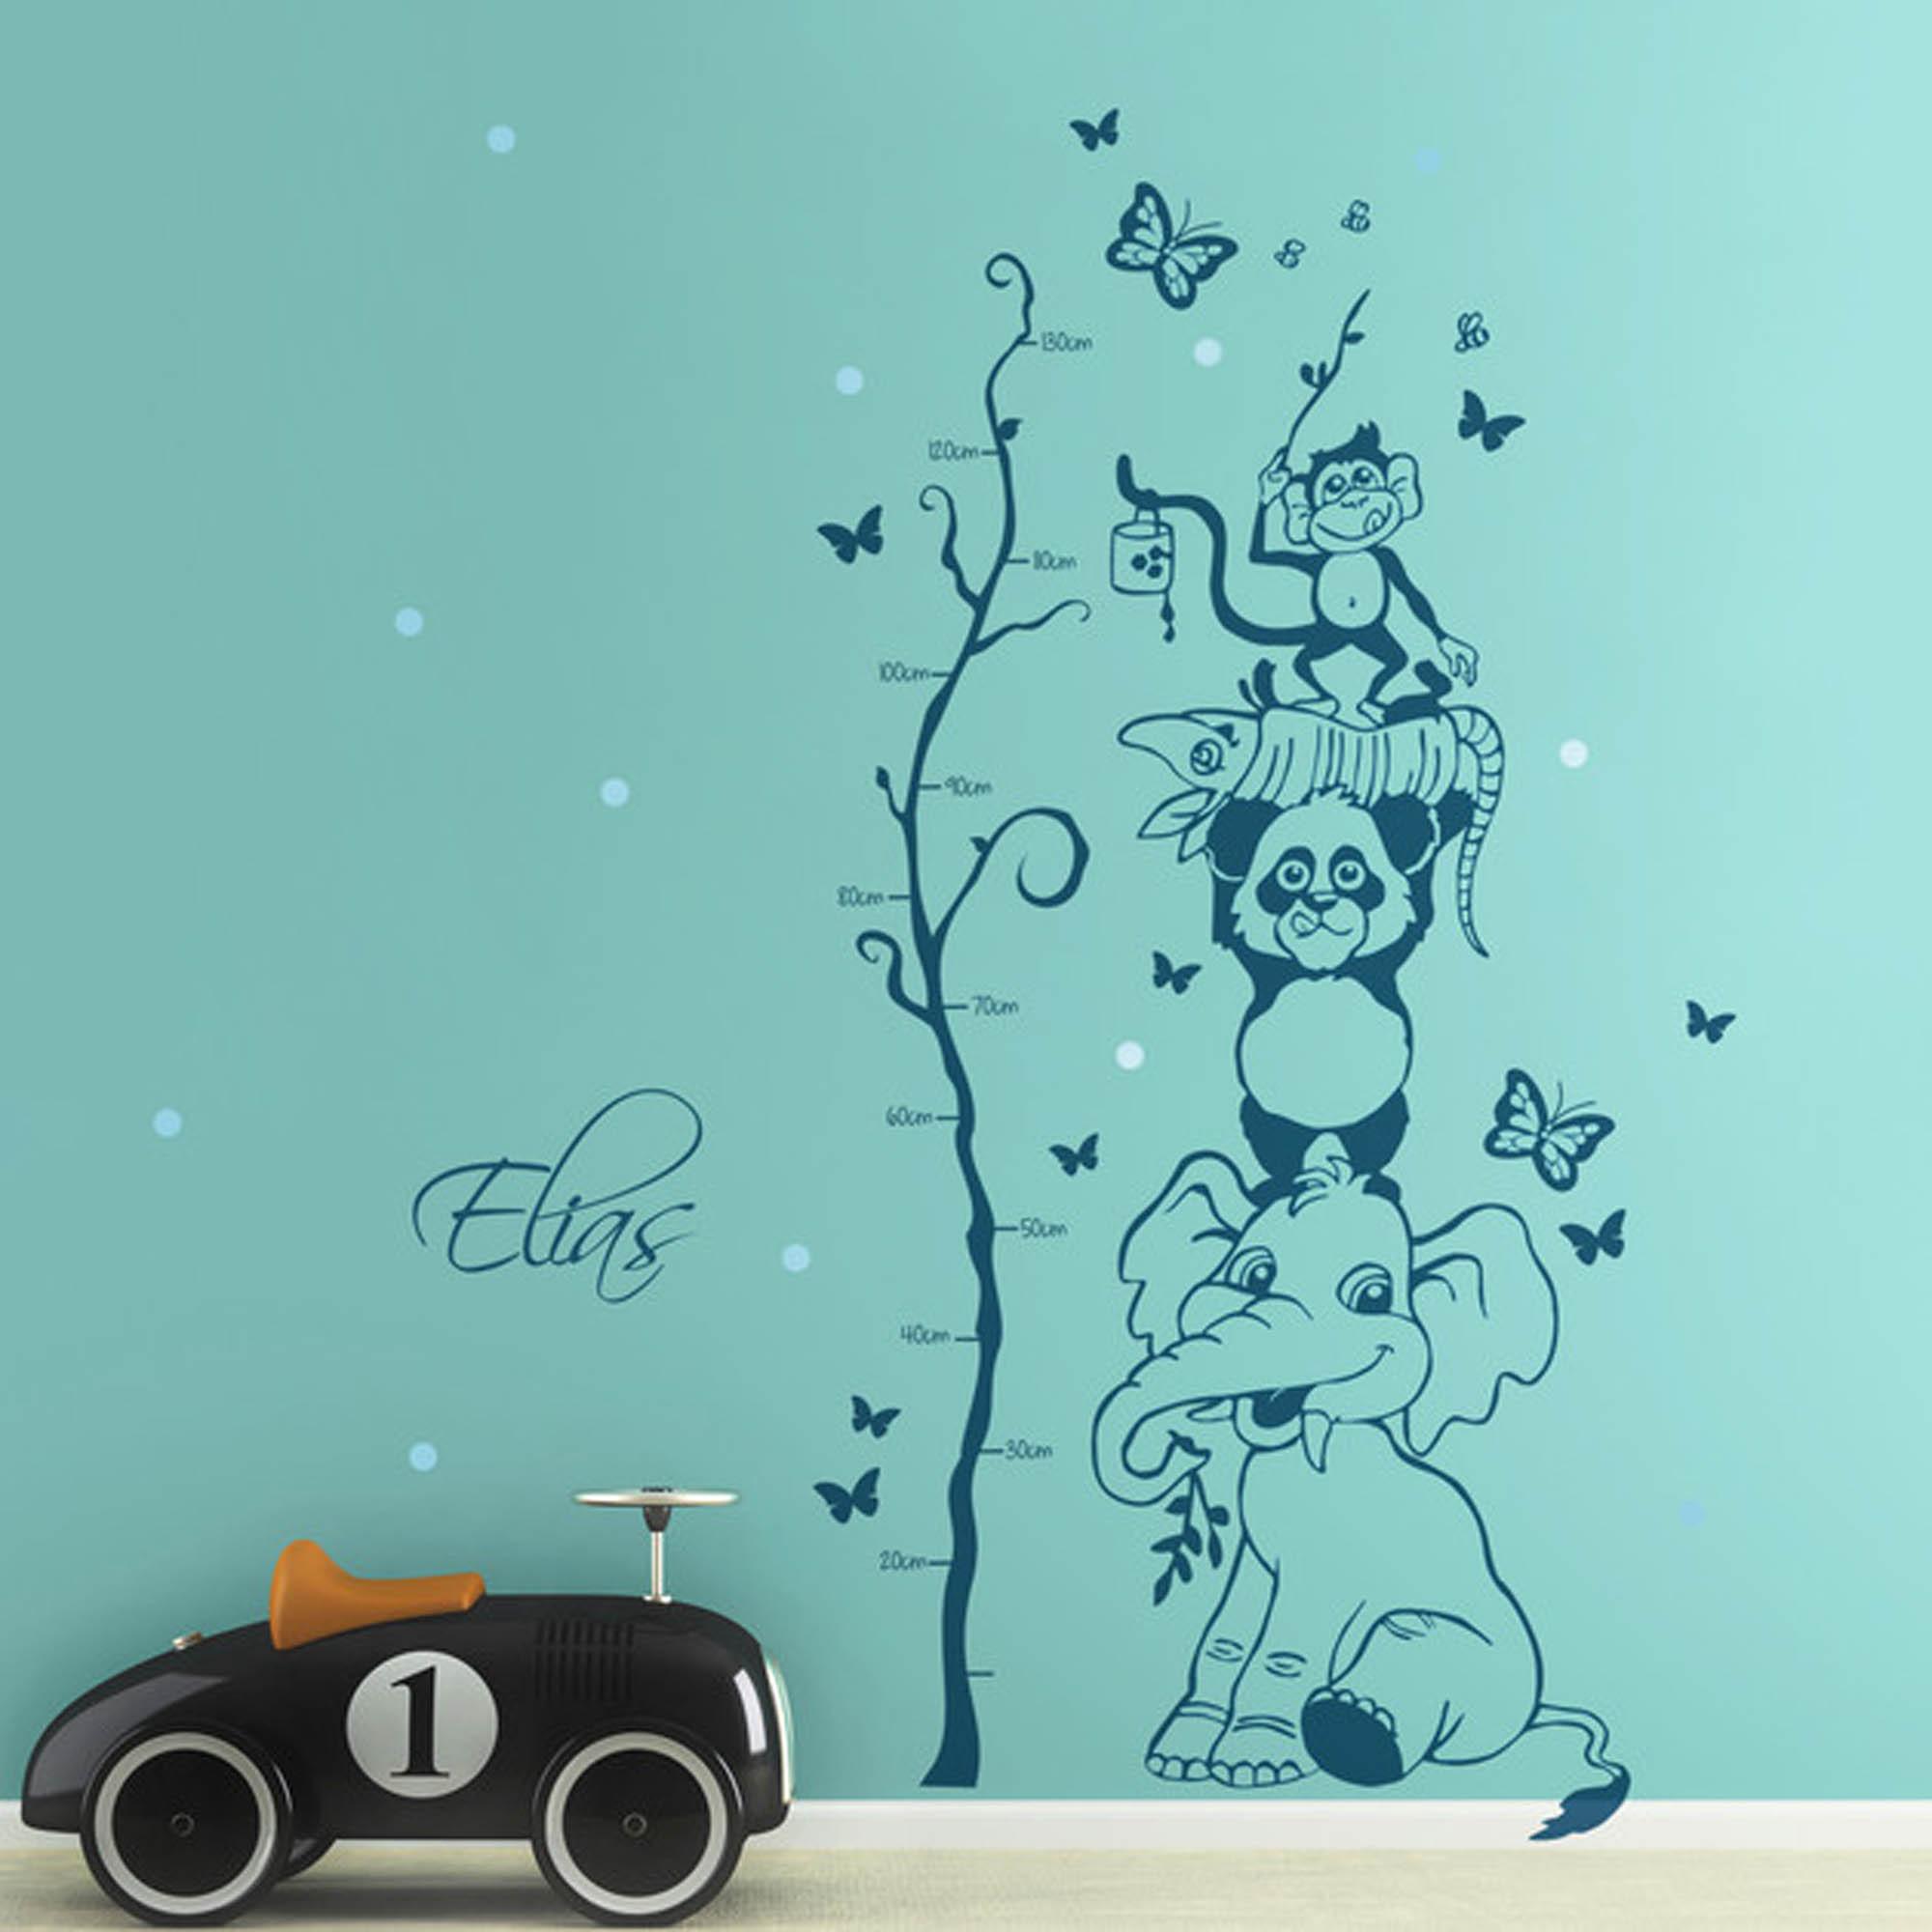 Wandtattoo Kinderzimmer Dschungel Und Elegant Wandtattoo: Wandtattoo Dschungel Tiere Messlatte Baum Mit Wunschnamen